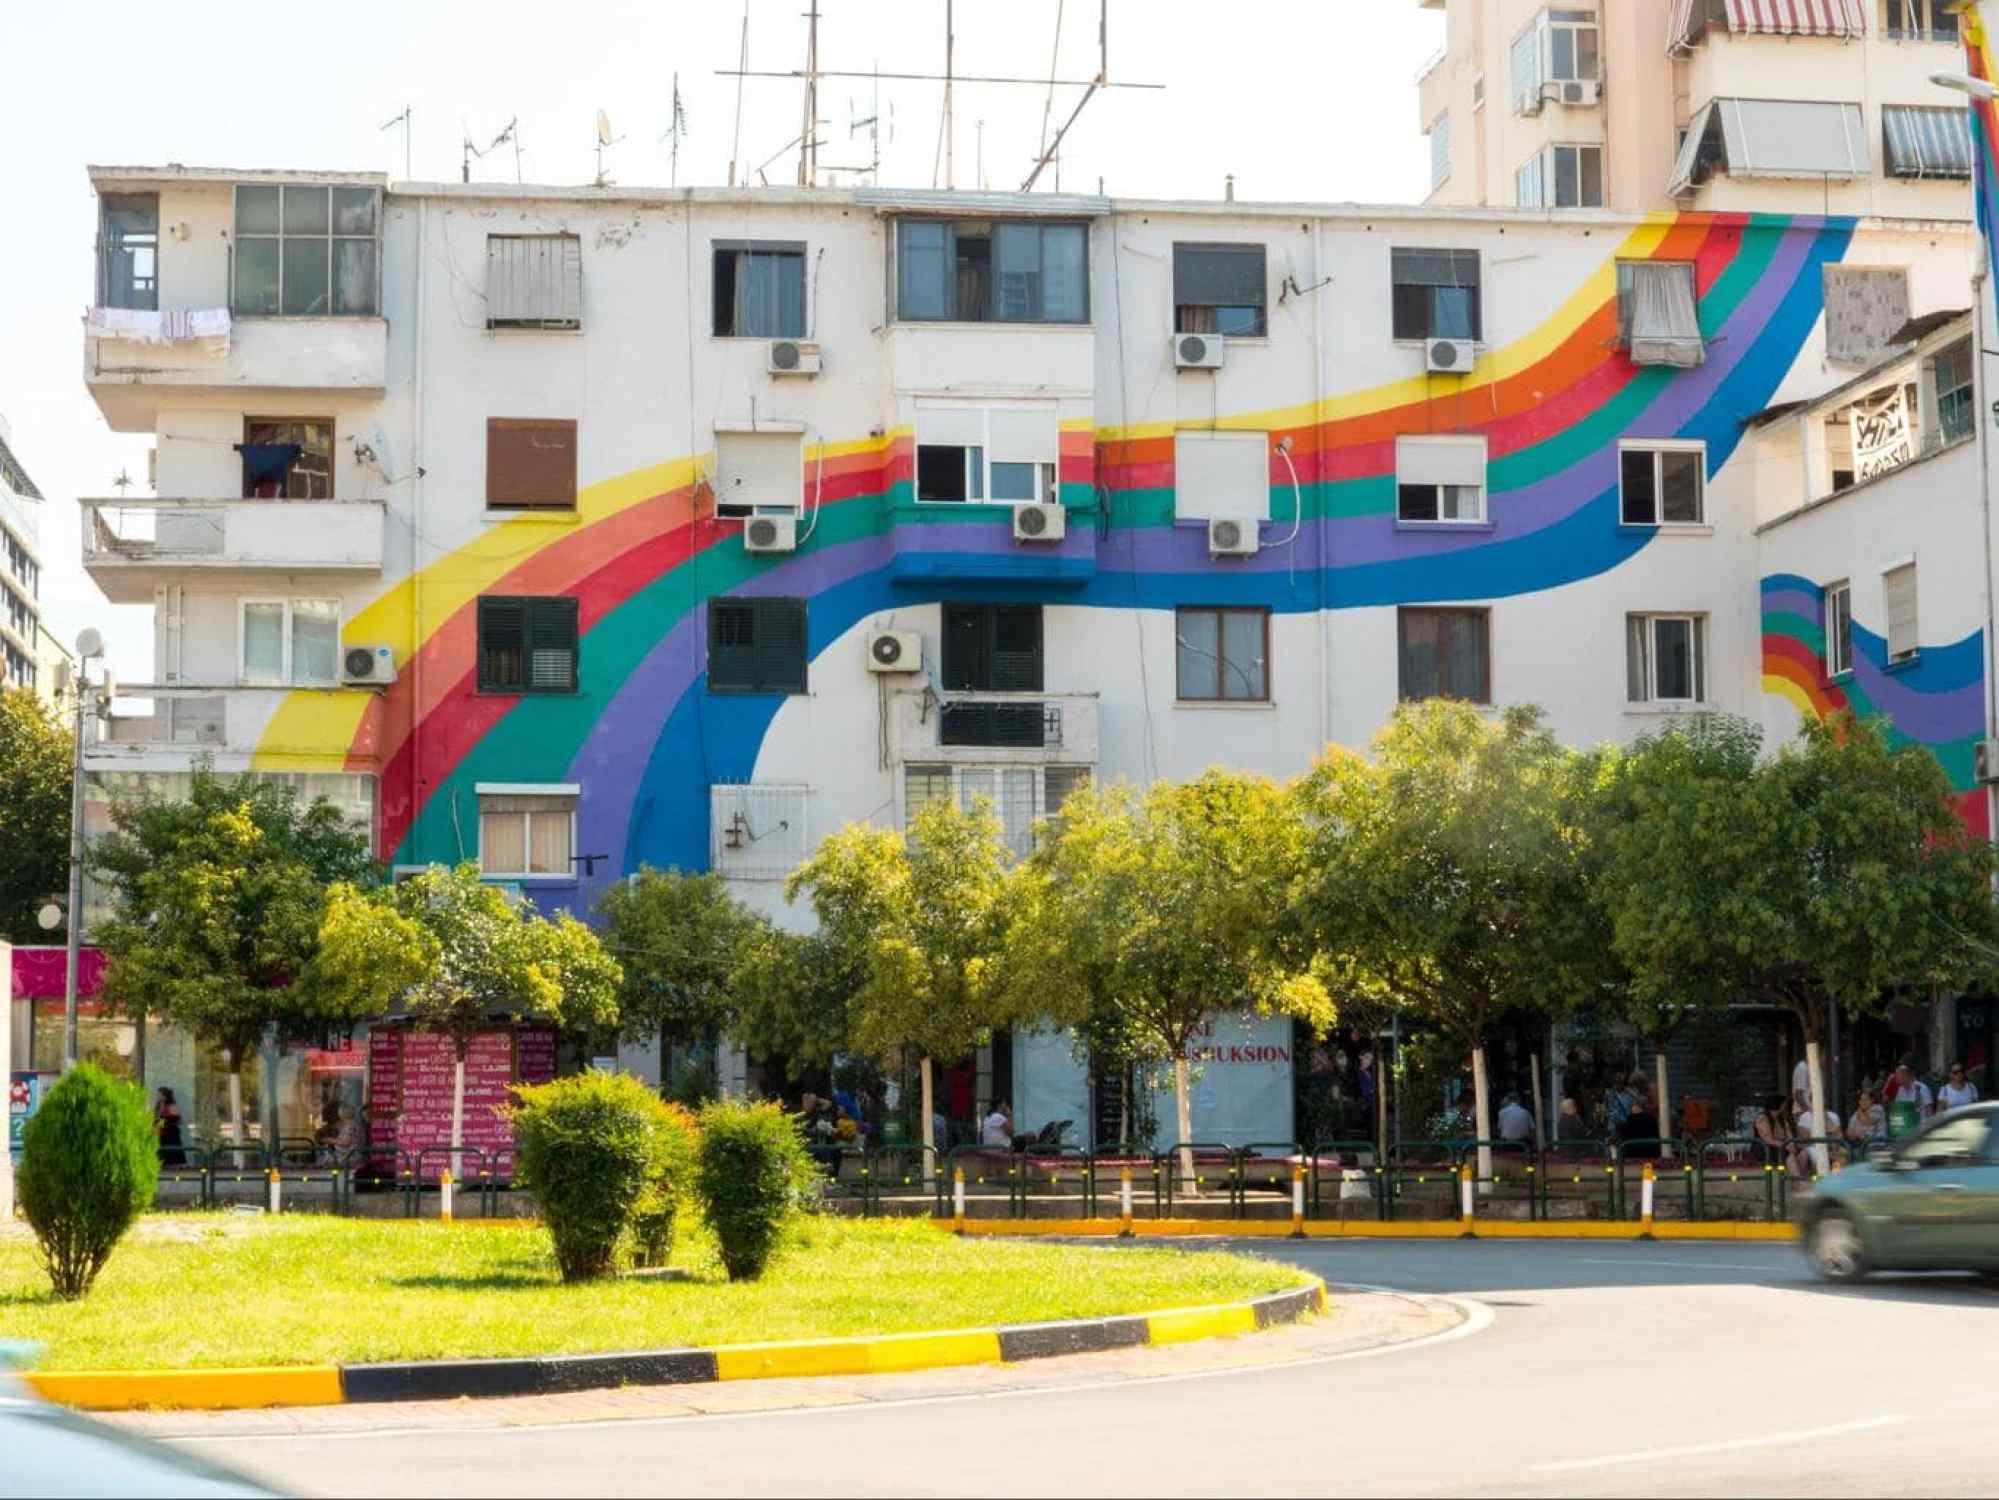 Tirana's rainbow building